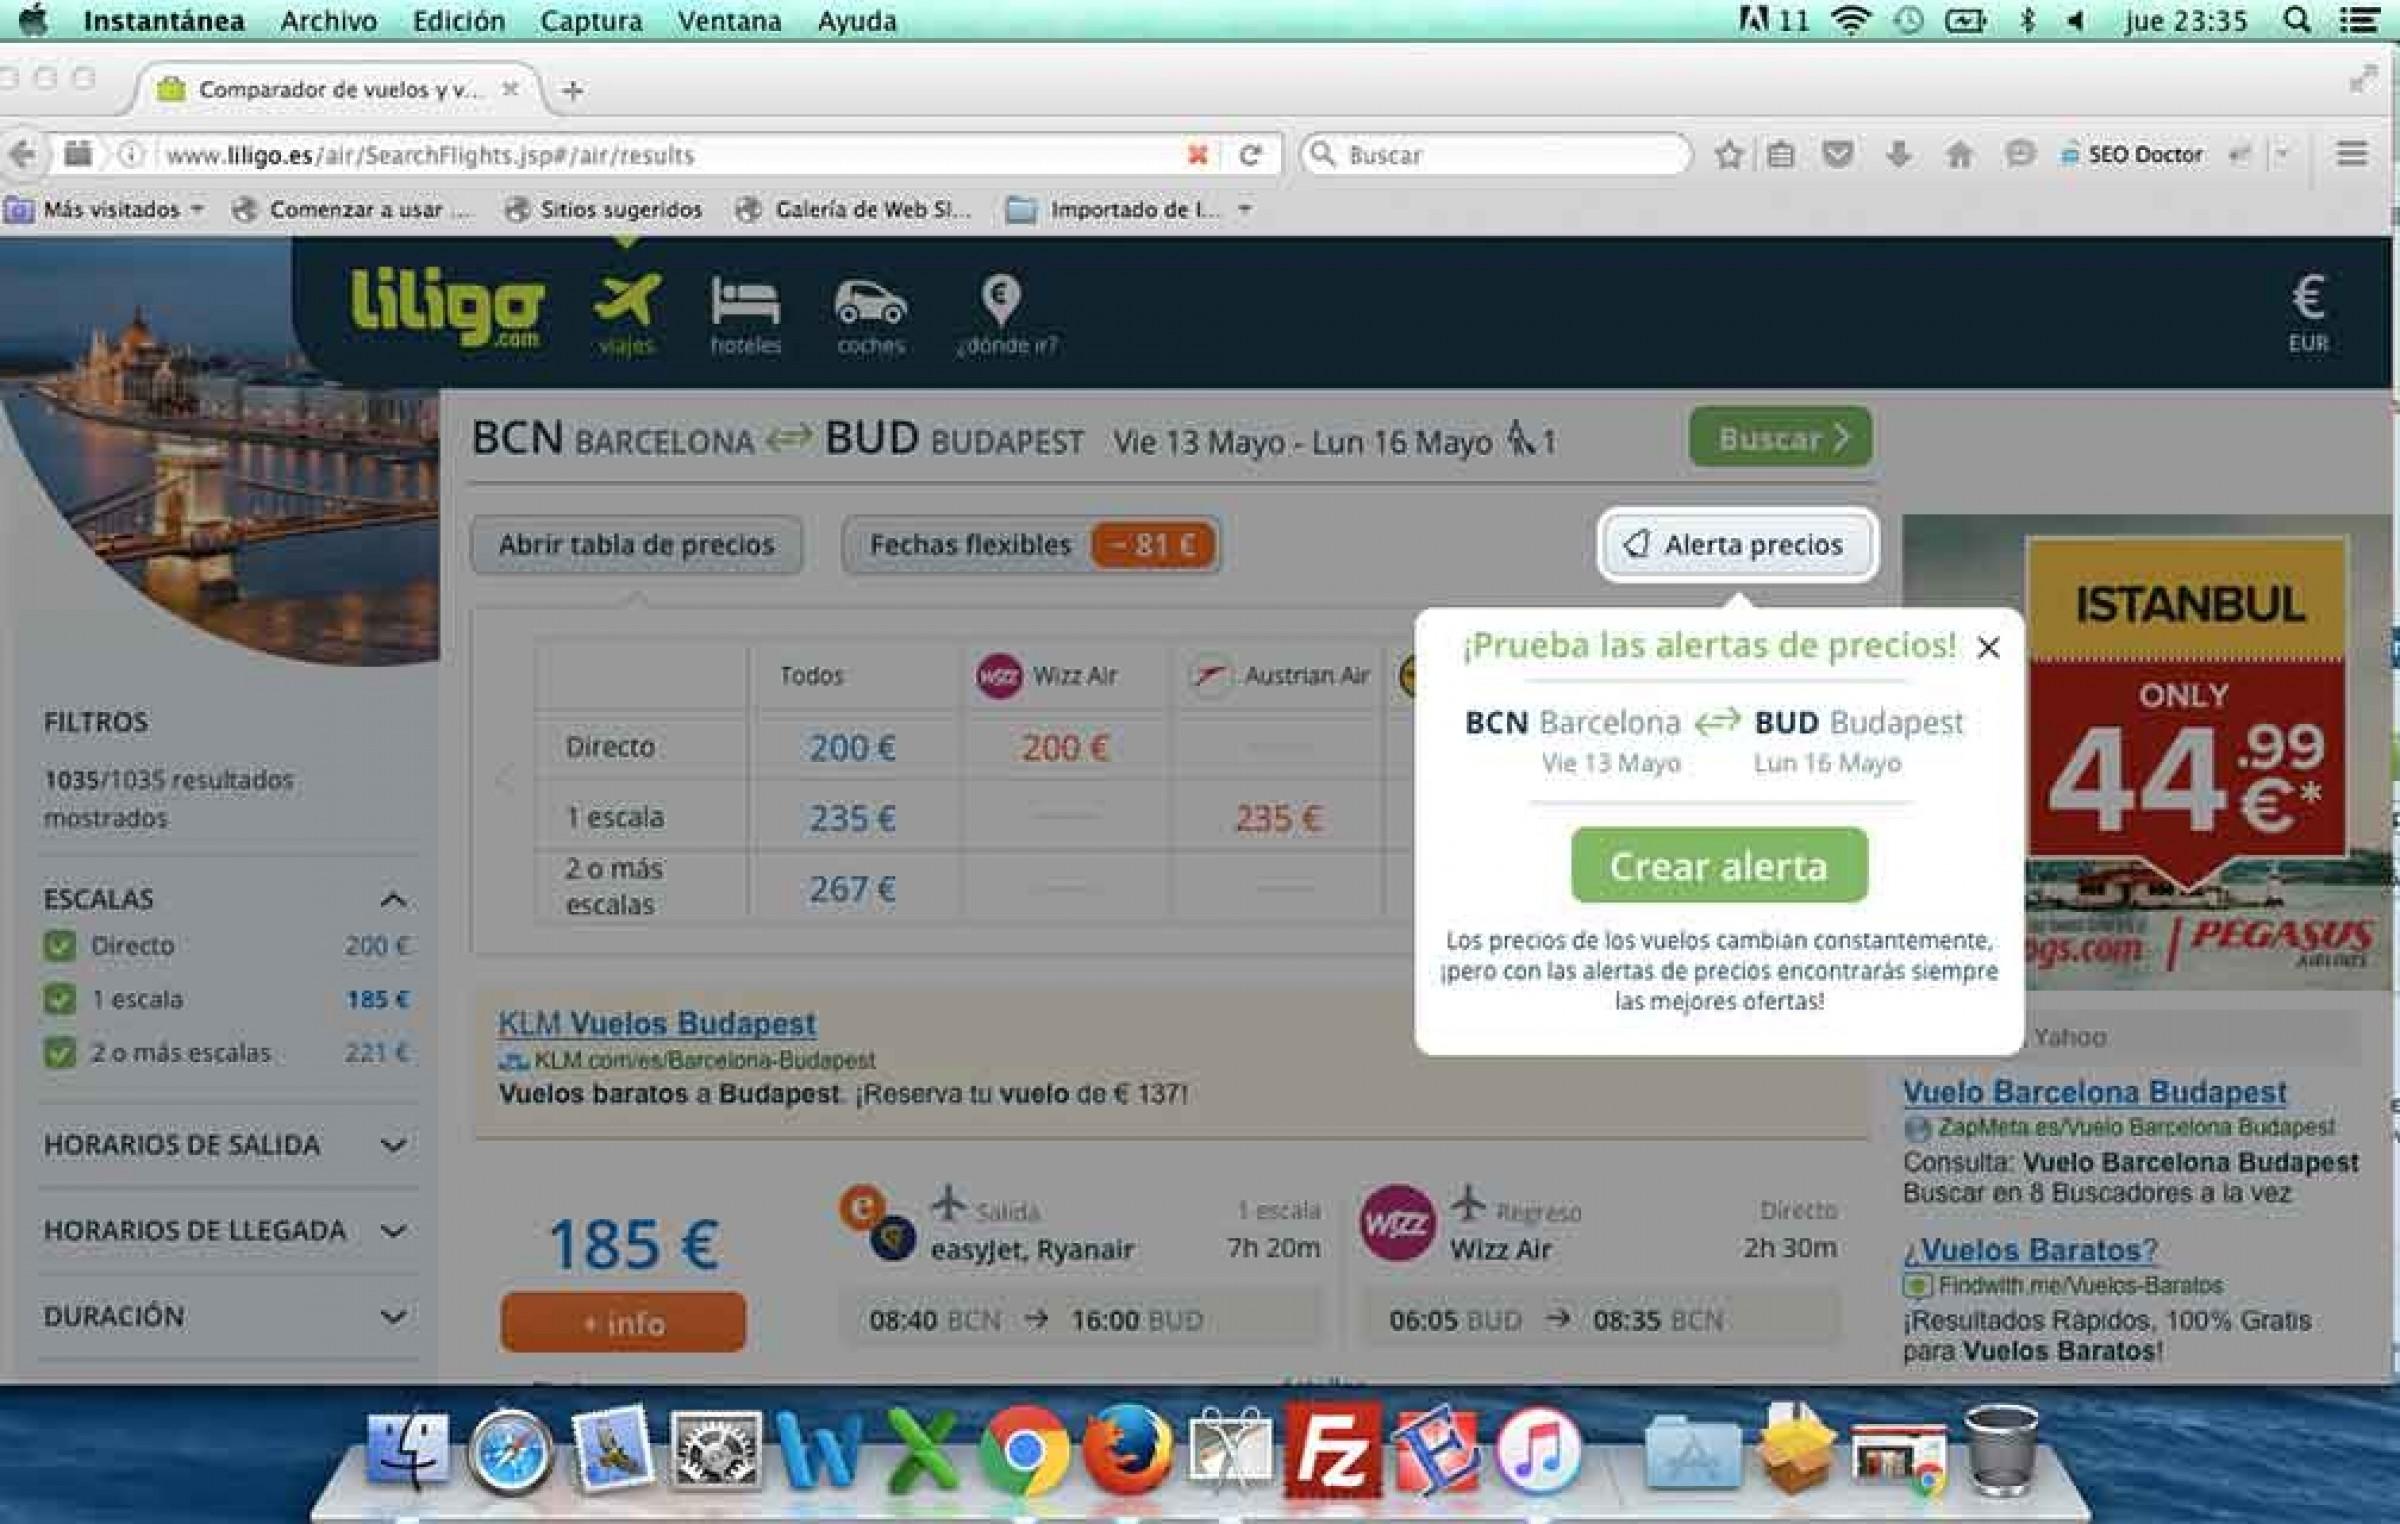 Como comprar billetes de avion mas baratos truco taringa - Billetes muy baratos ...